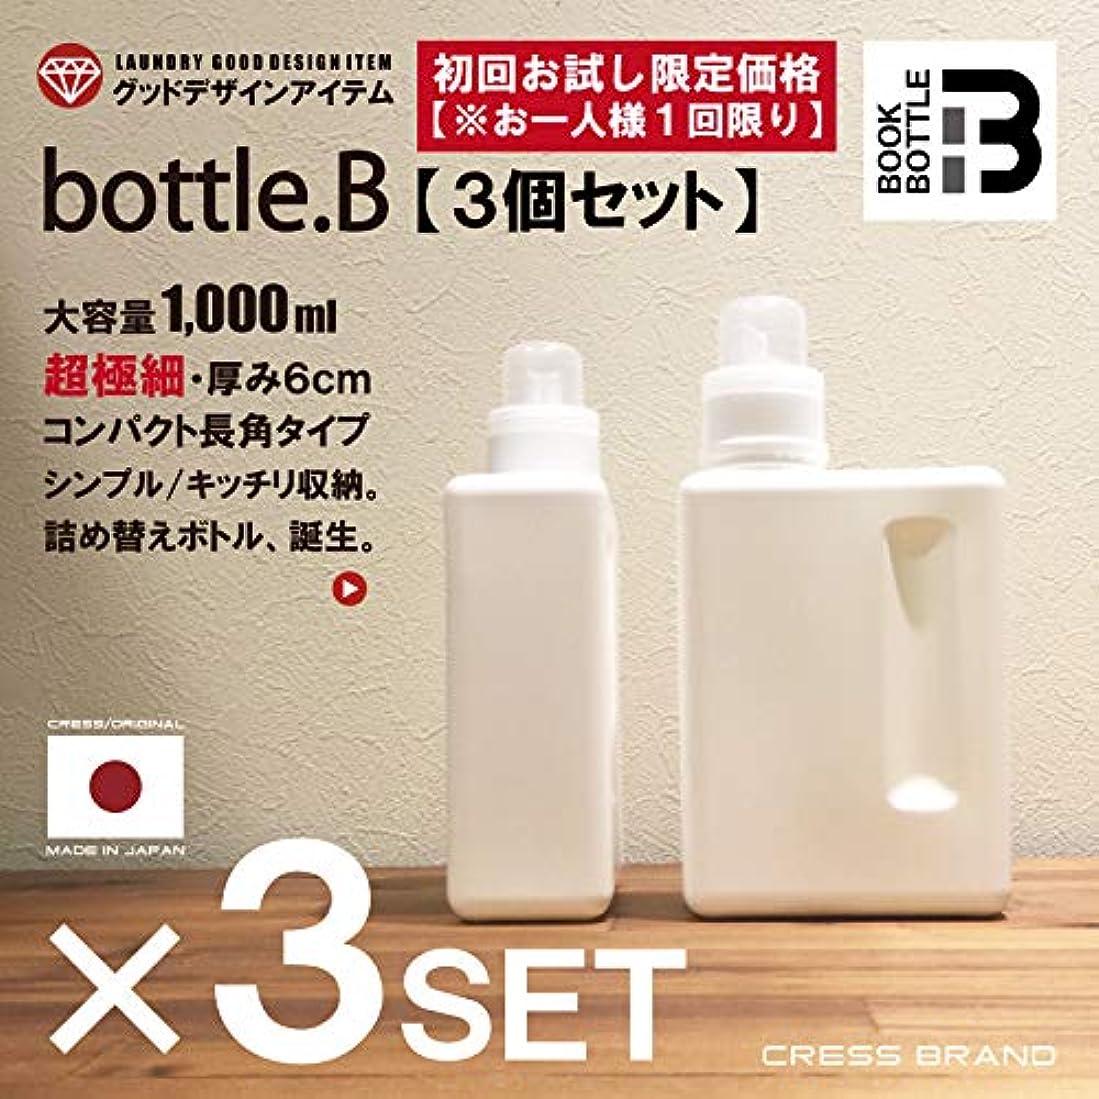 安定したテクトニック検索エンジン最適化<3個セット>bottle.B-3set【初回お試し限定価格?お一人さ様1回限り】[クレス?オリジナルボトル]1000ml BOOK-BOTTLE